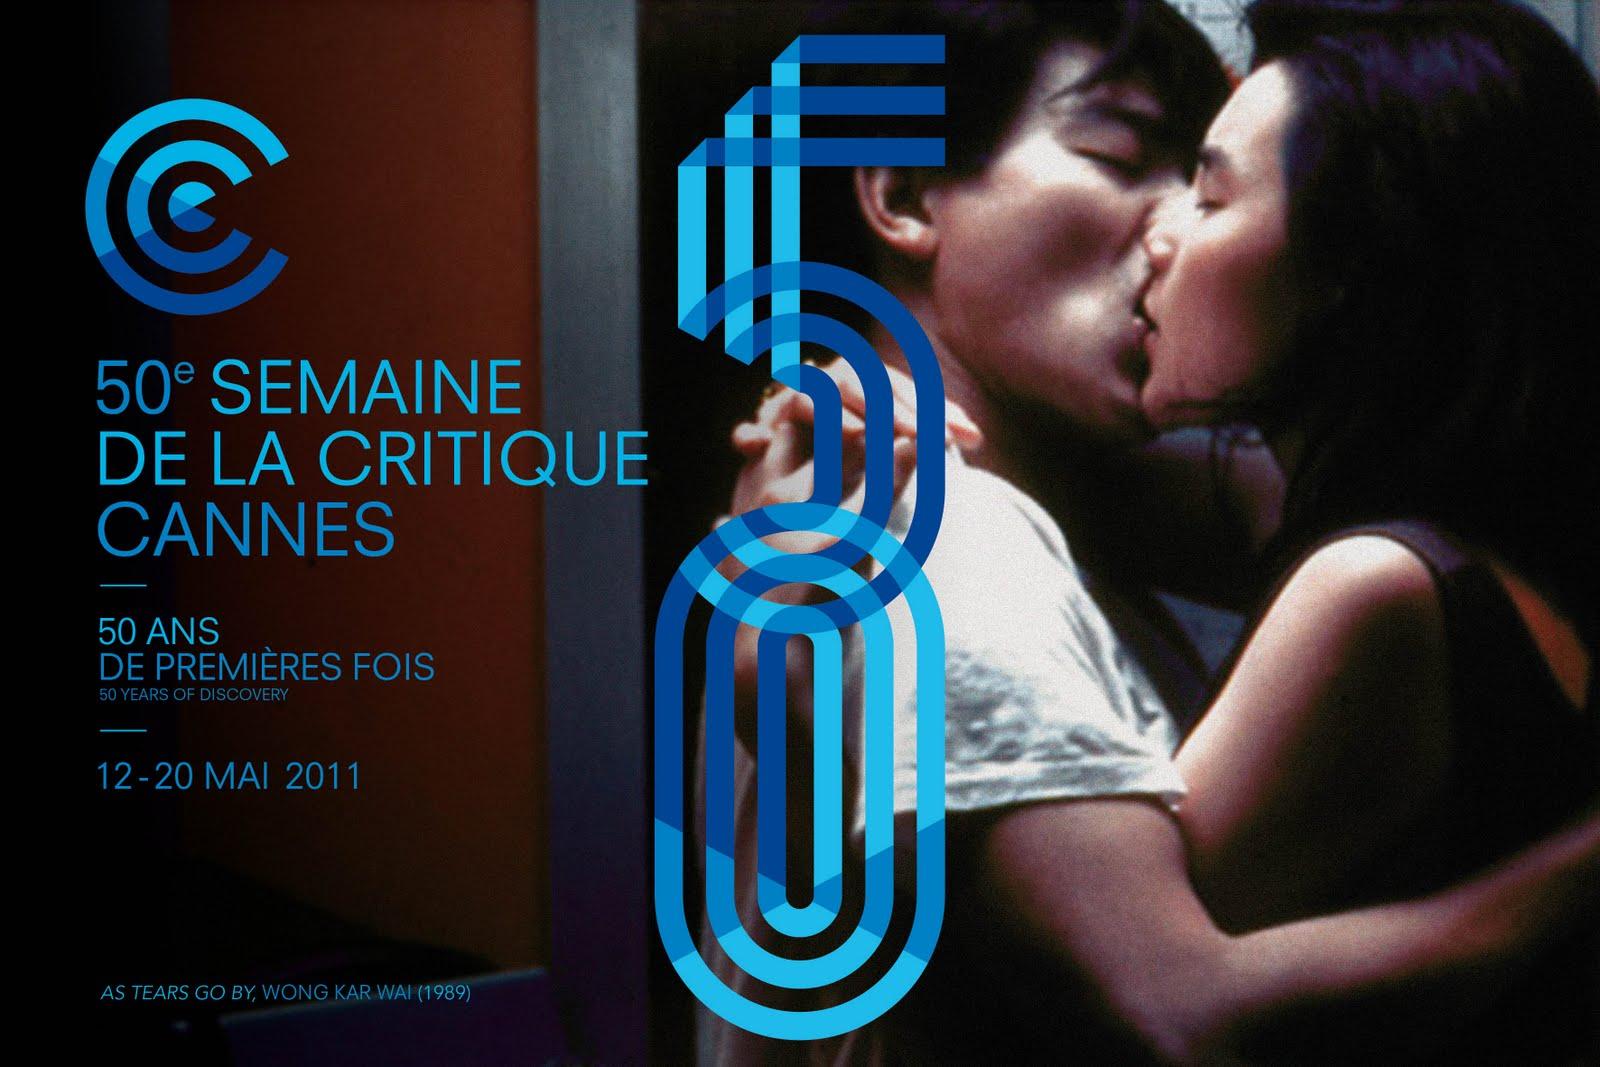 2011年戛纳影评人周50周年海报,致敬了王家卫处女作《旺角卡门》。王家卫即是从戛纳影评人周第一次进入世界影坛视野。